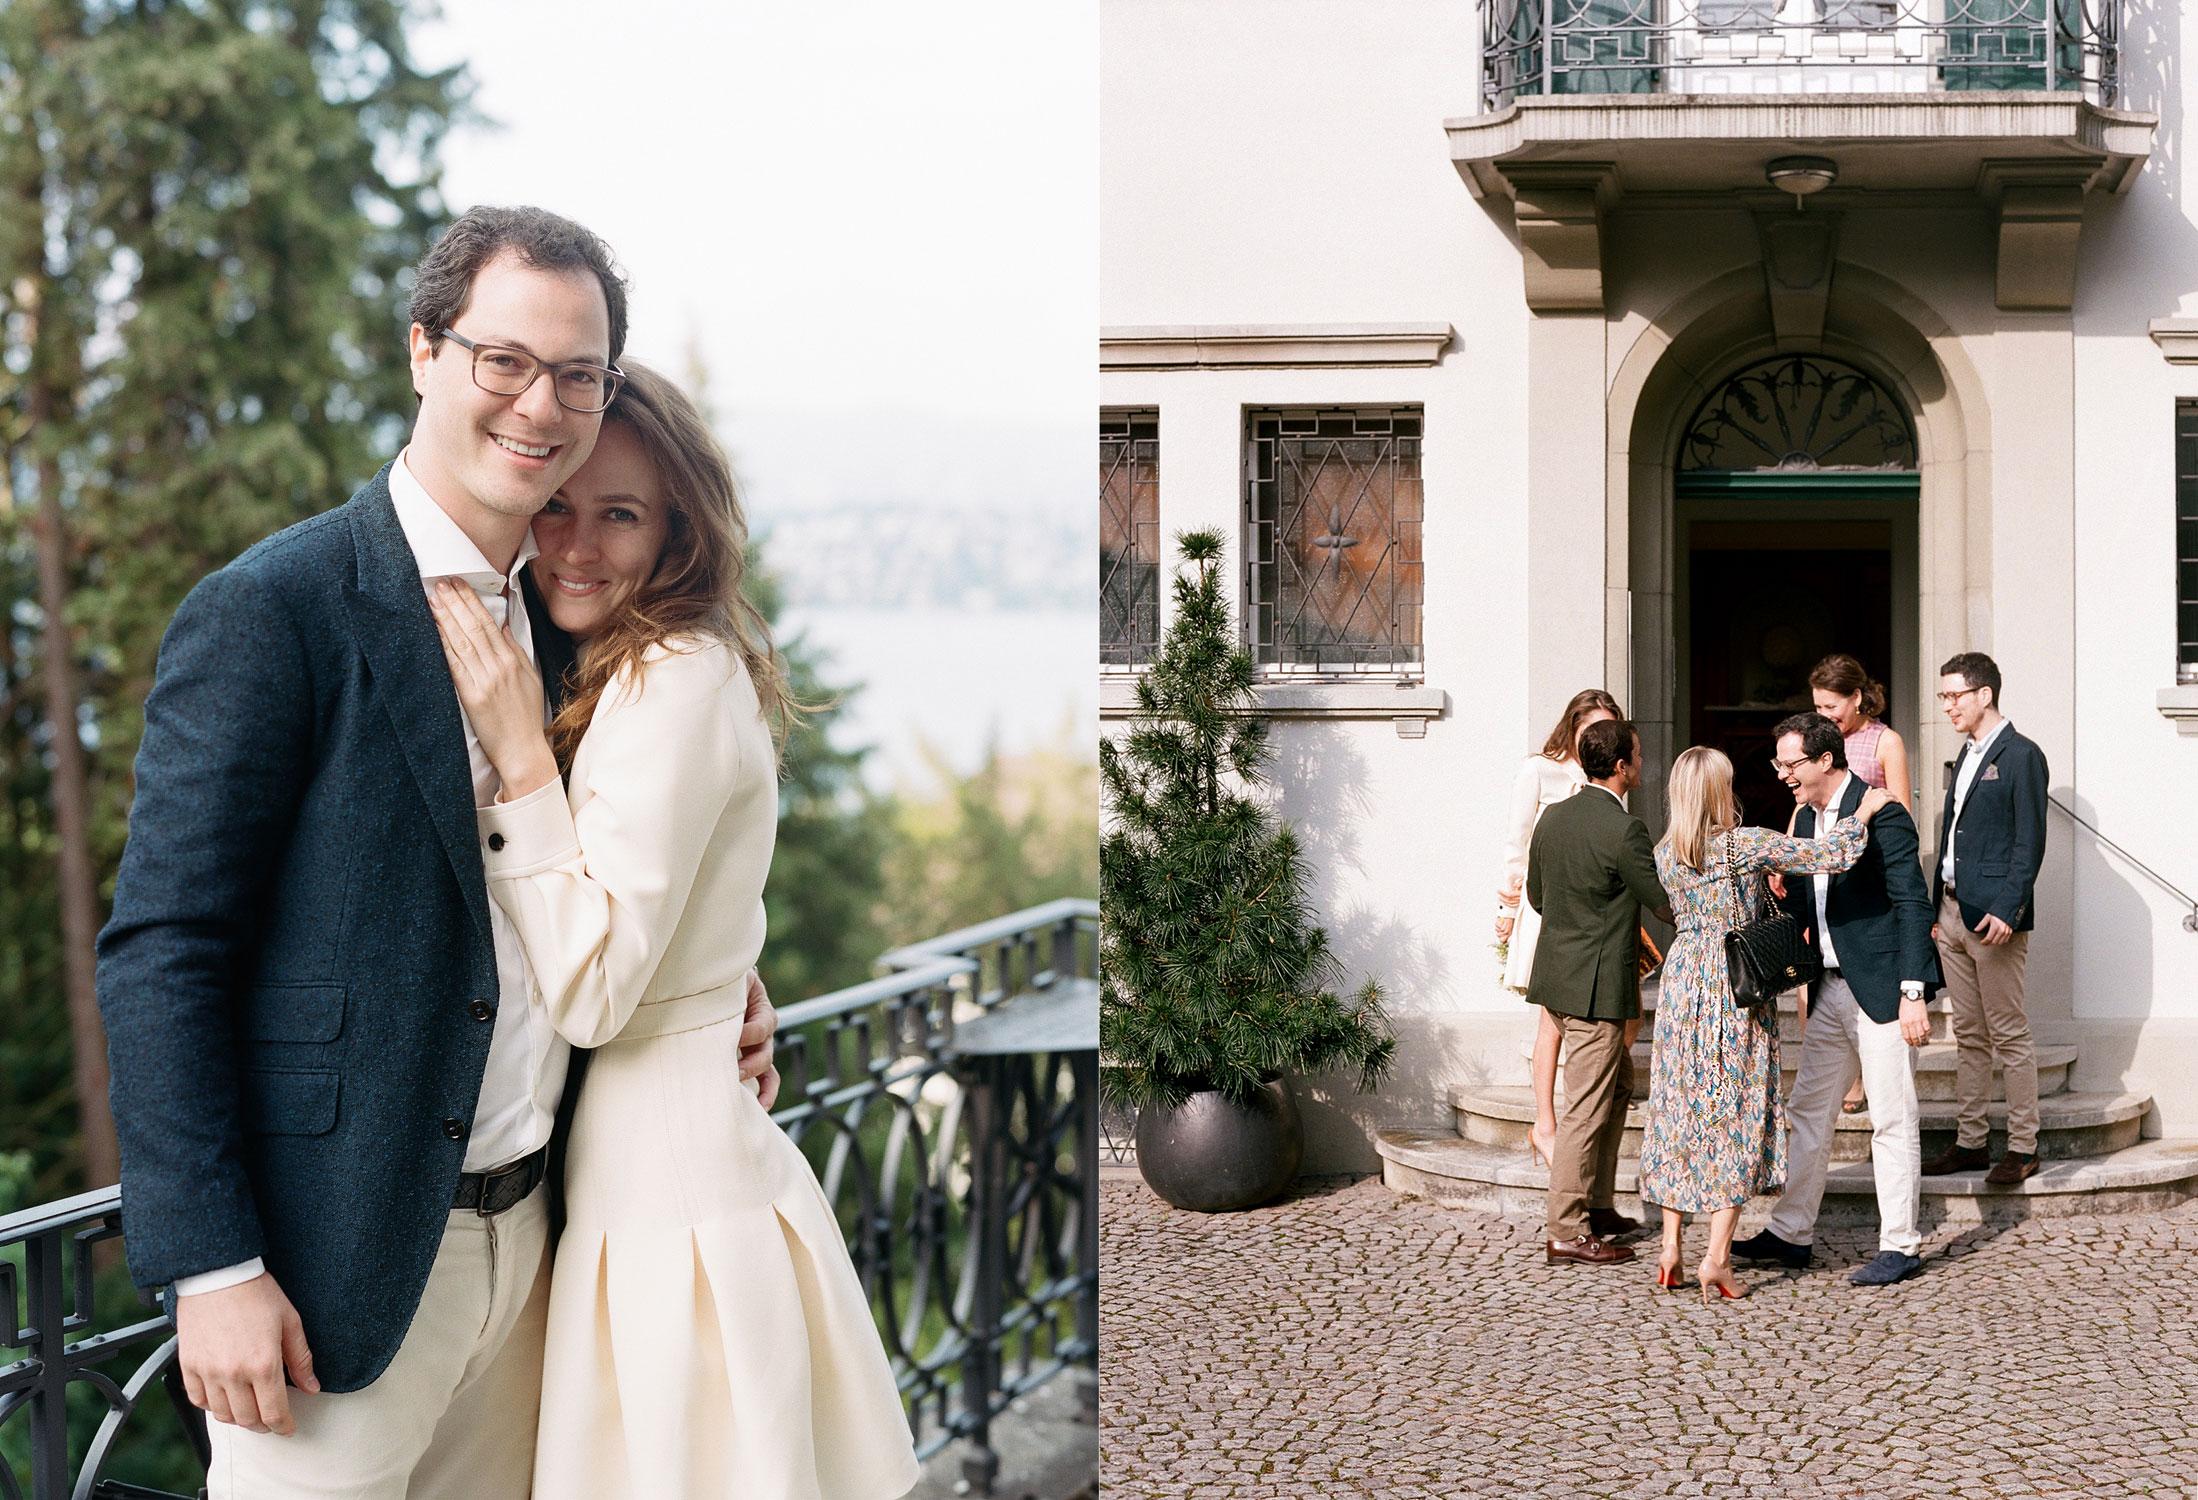 wedding_villa_meier_severini_024.jpg